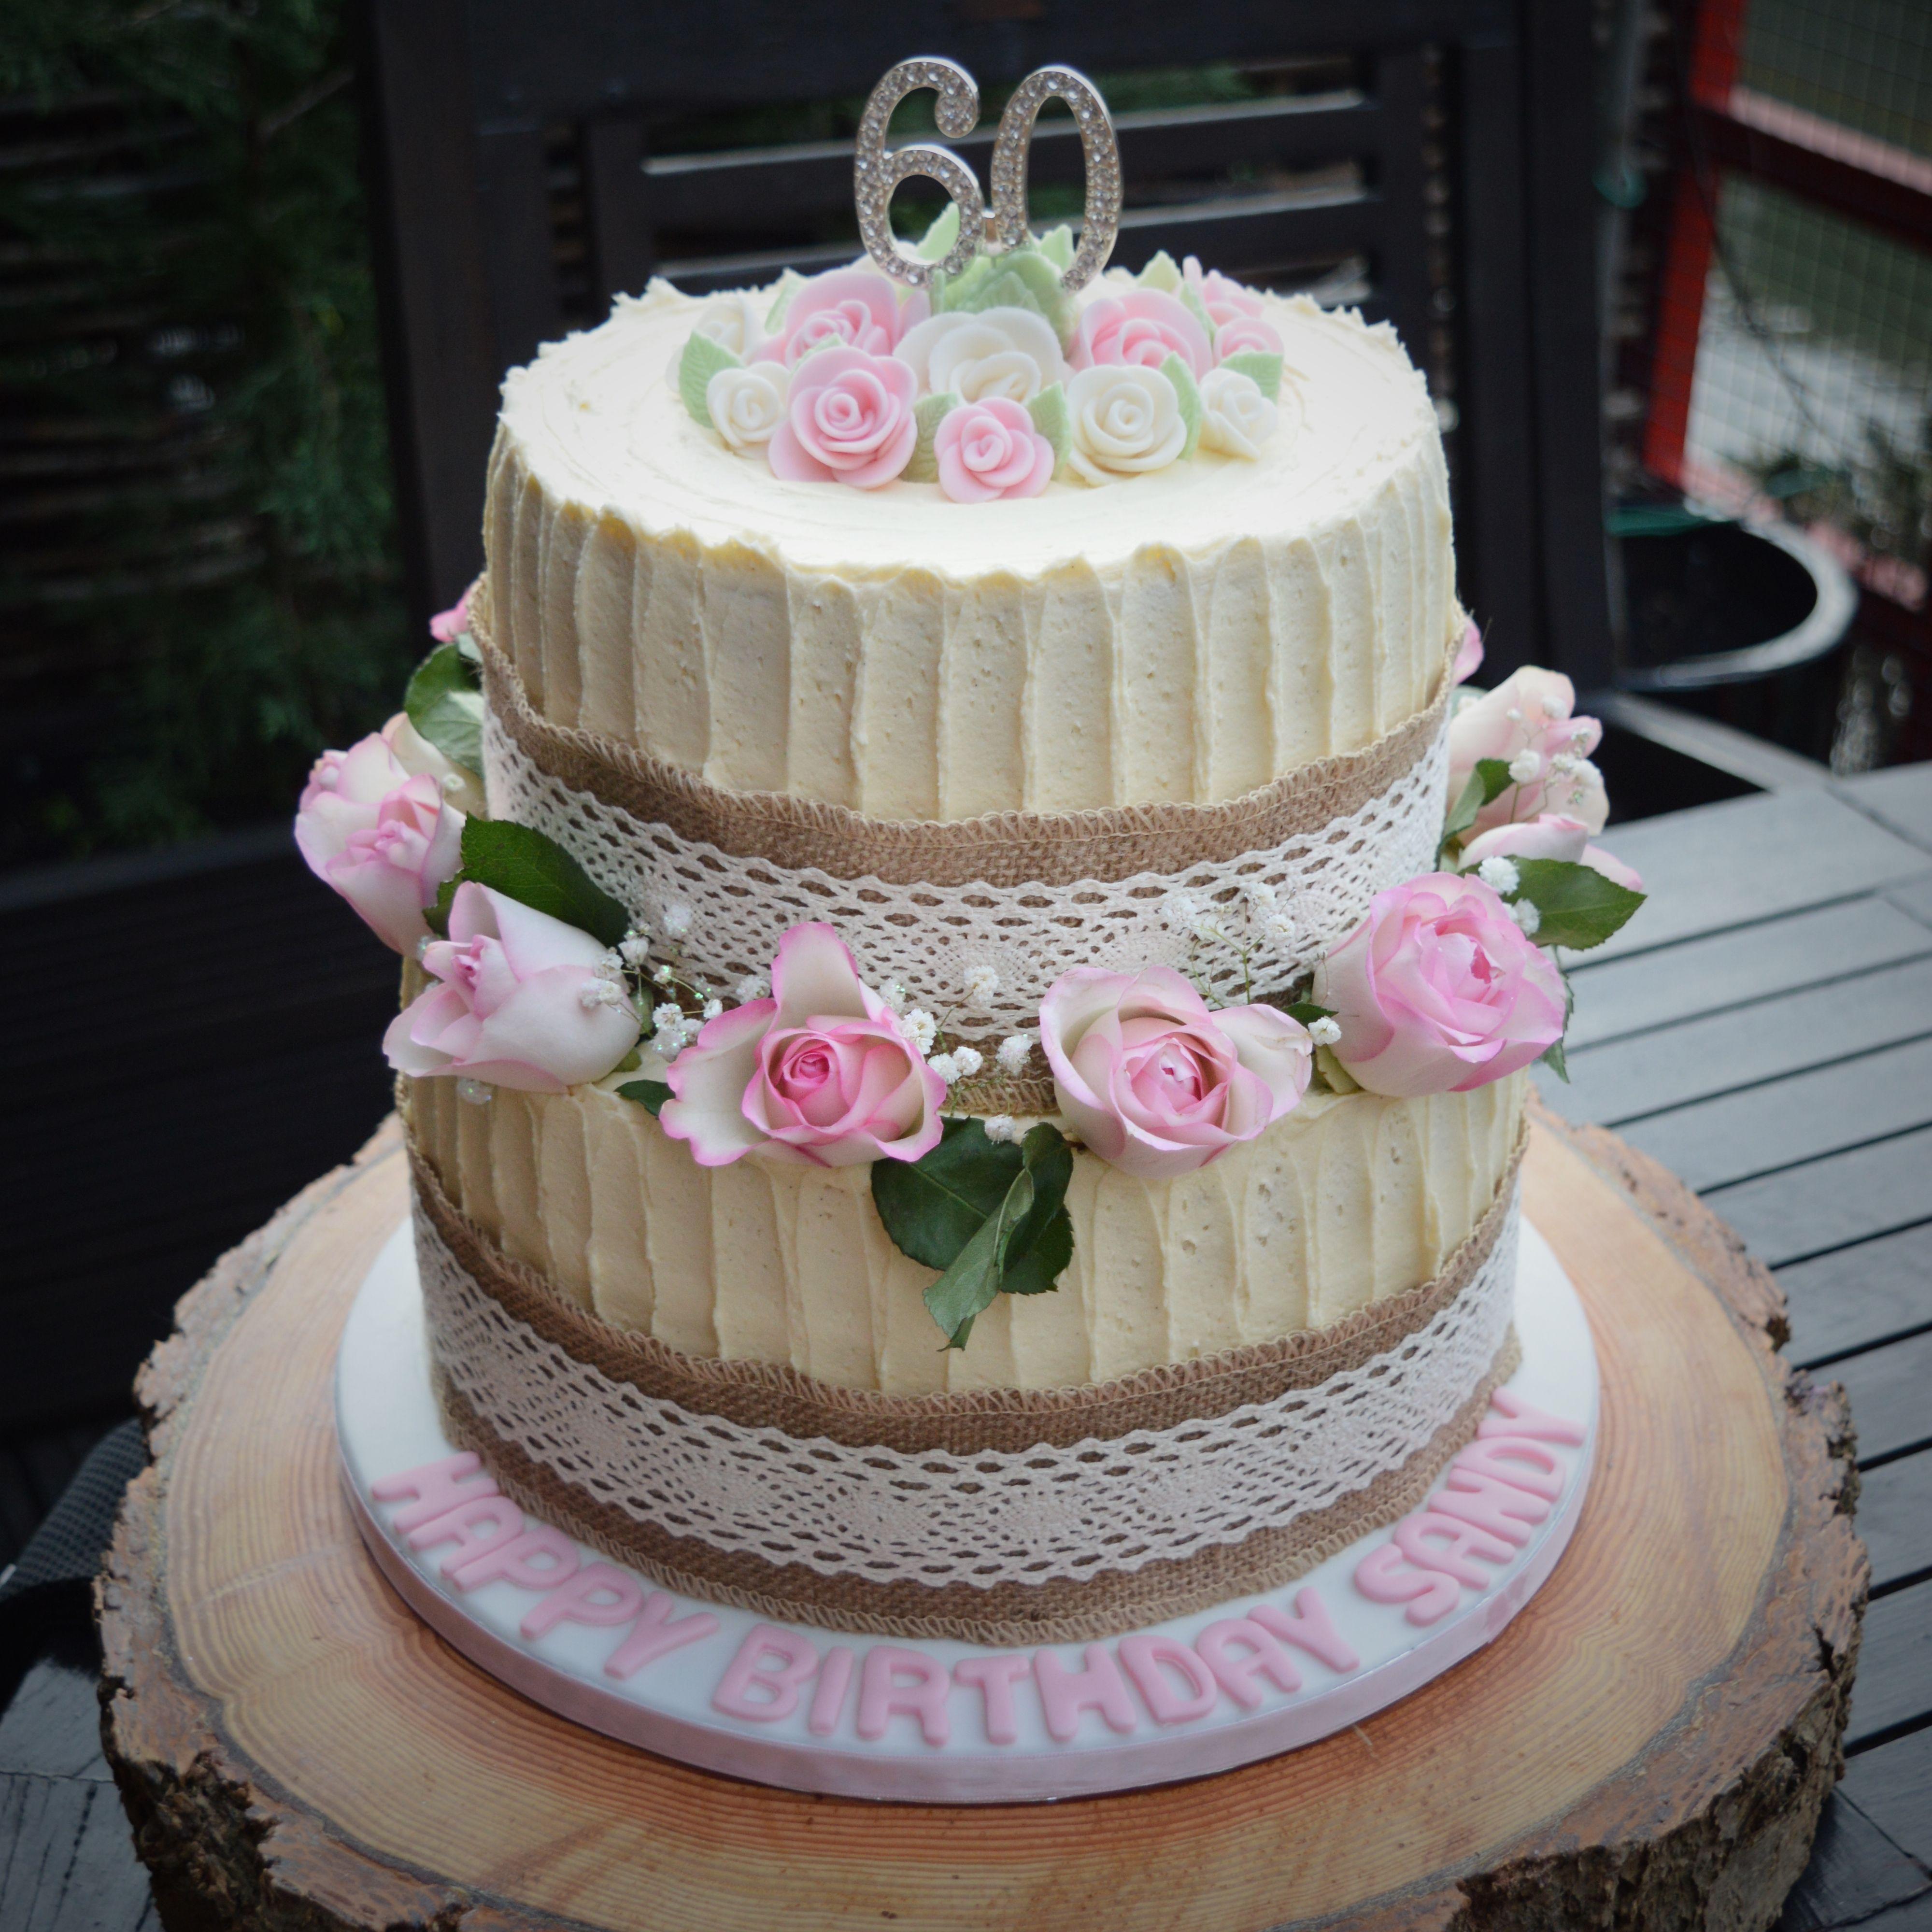 60th Birthday Celebration Cake